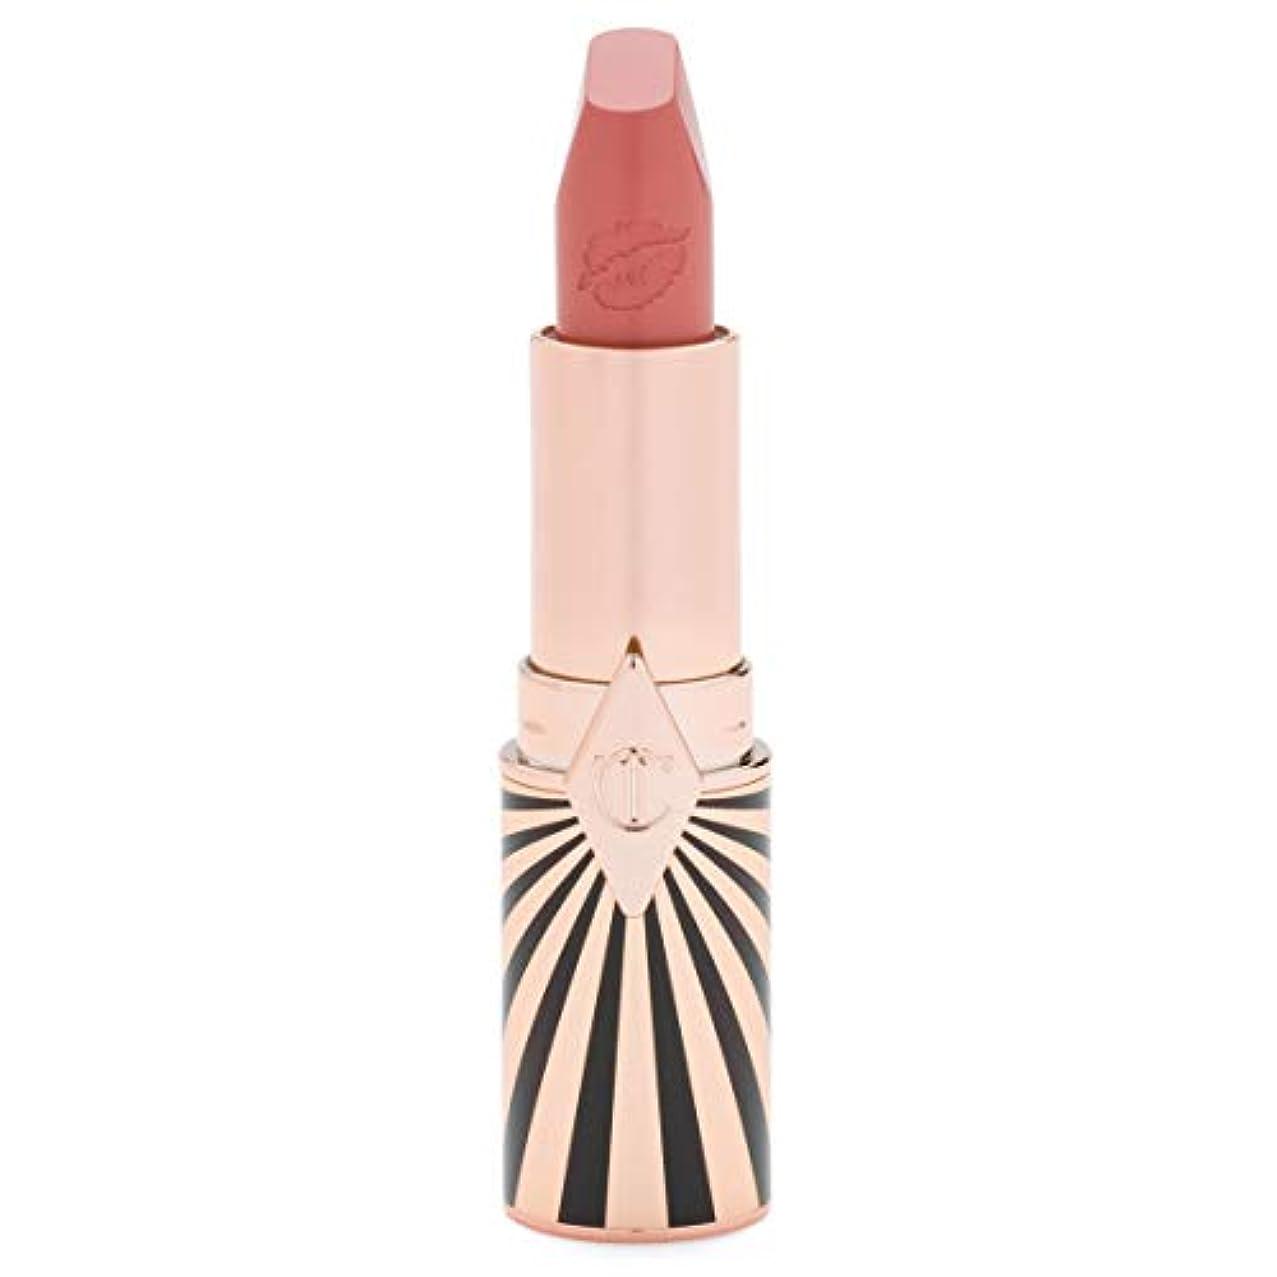 専門知識ユーザーコンテンツCharlotte Tilbury Hot Lips 2 In love with Olivia Limited Edition シャーロット?ティルベリー